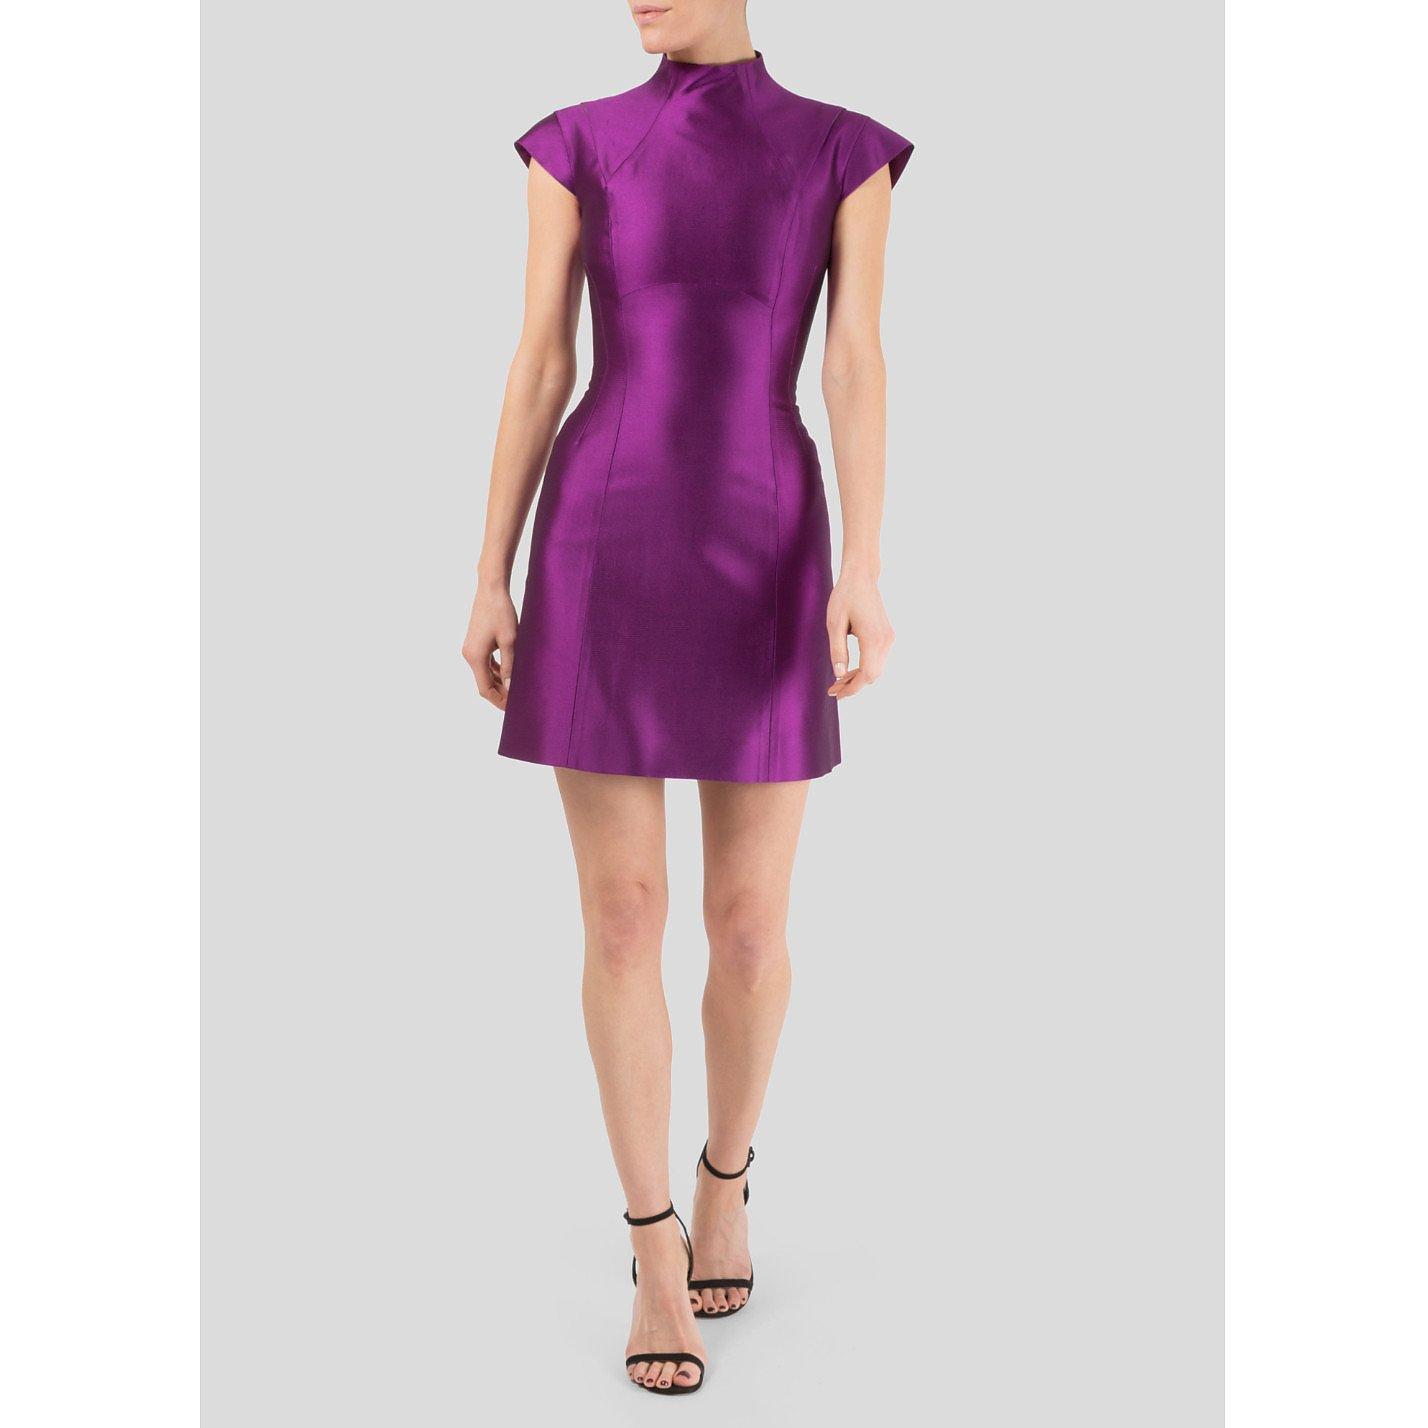 Victoria Beckham Briseux Mini Dress